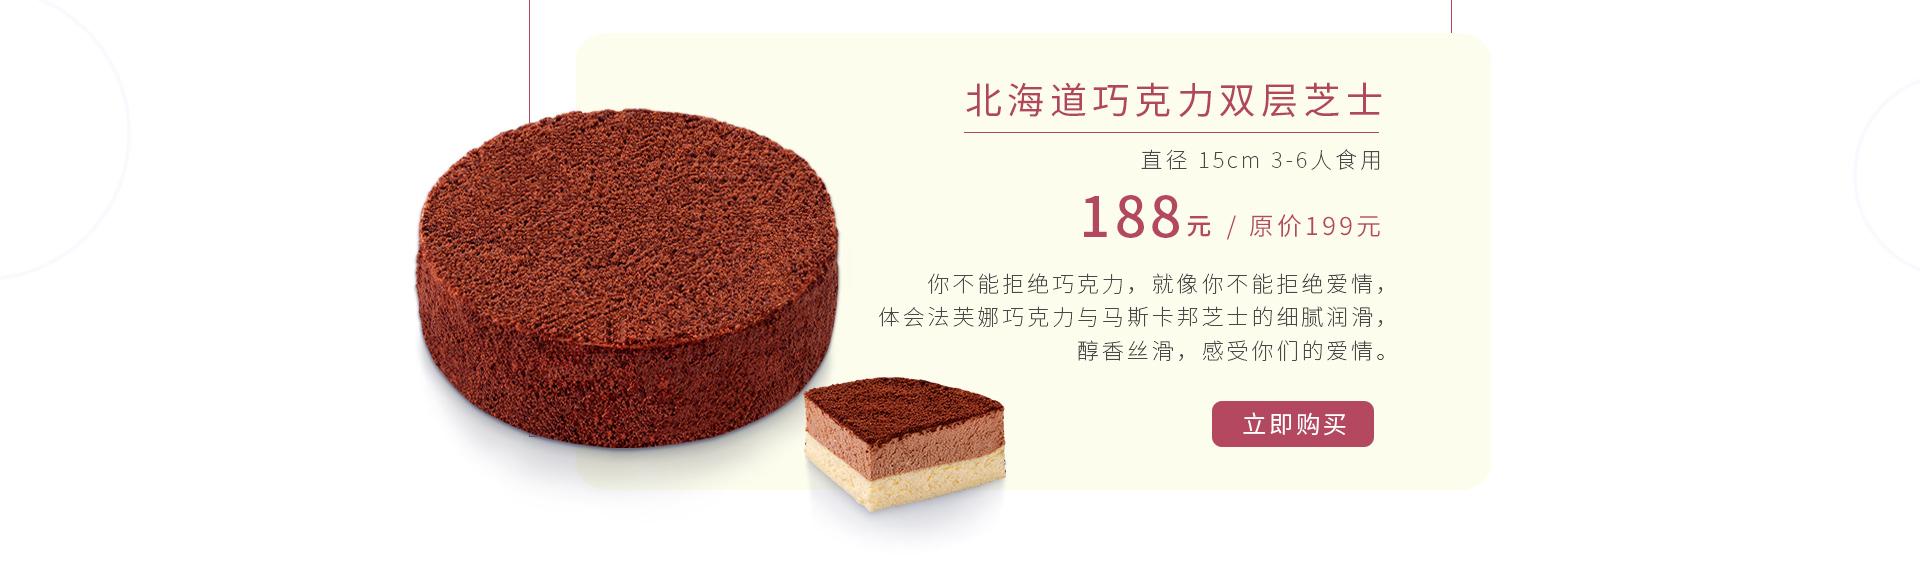 ebeecake小蜜蜂蛋糕 北海道巧克力双层芝士蛋糕